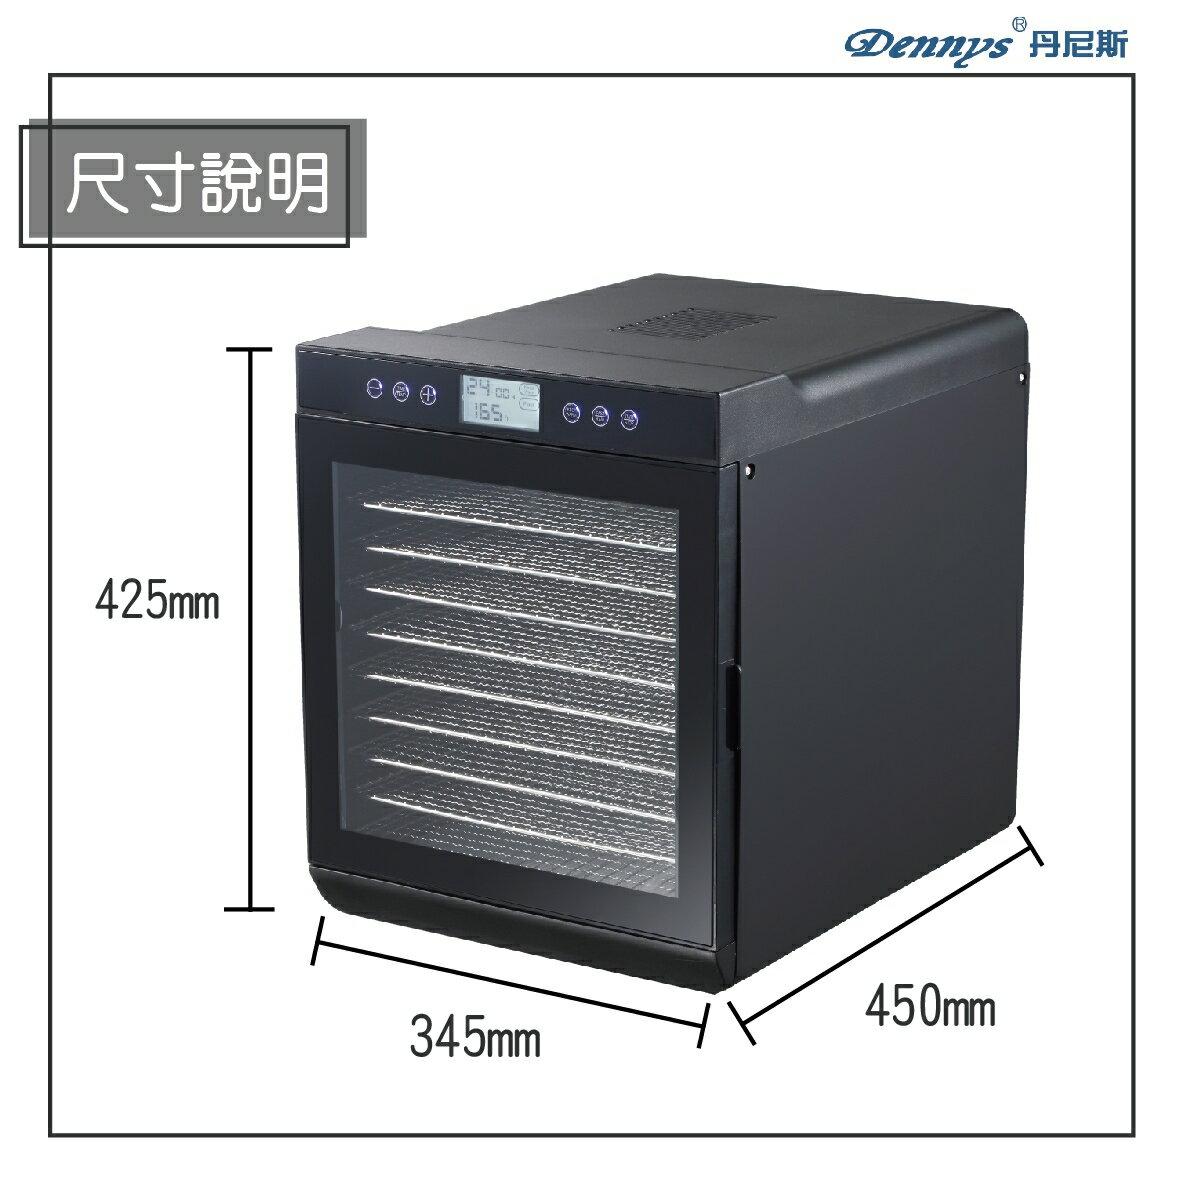 2019年新品 十層微電腦定時溫控食物乾燥機